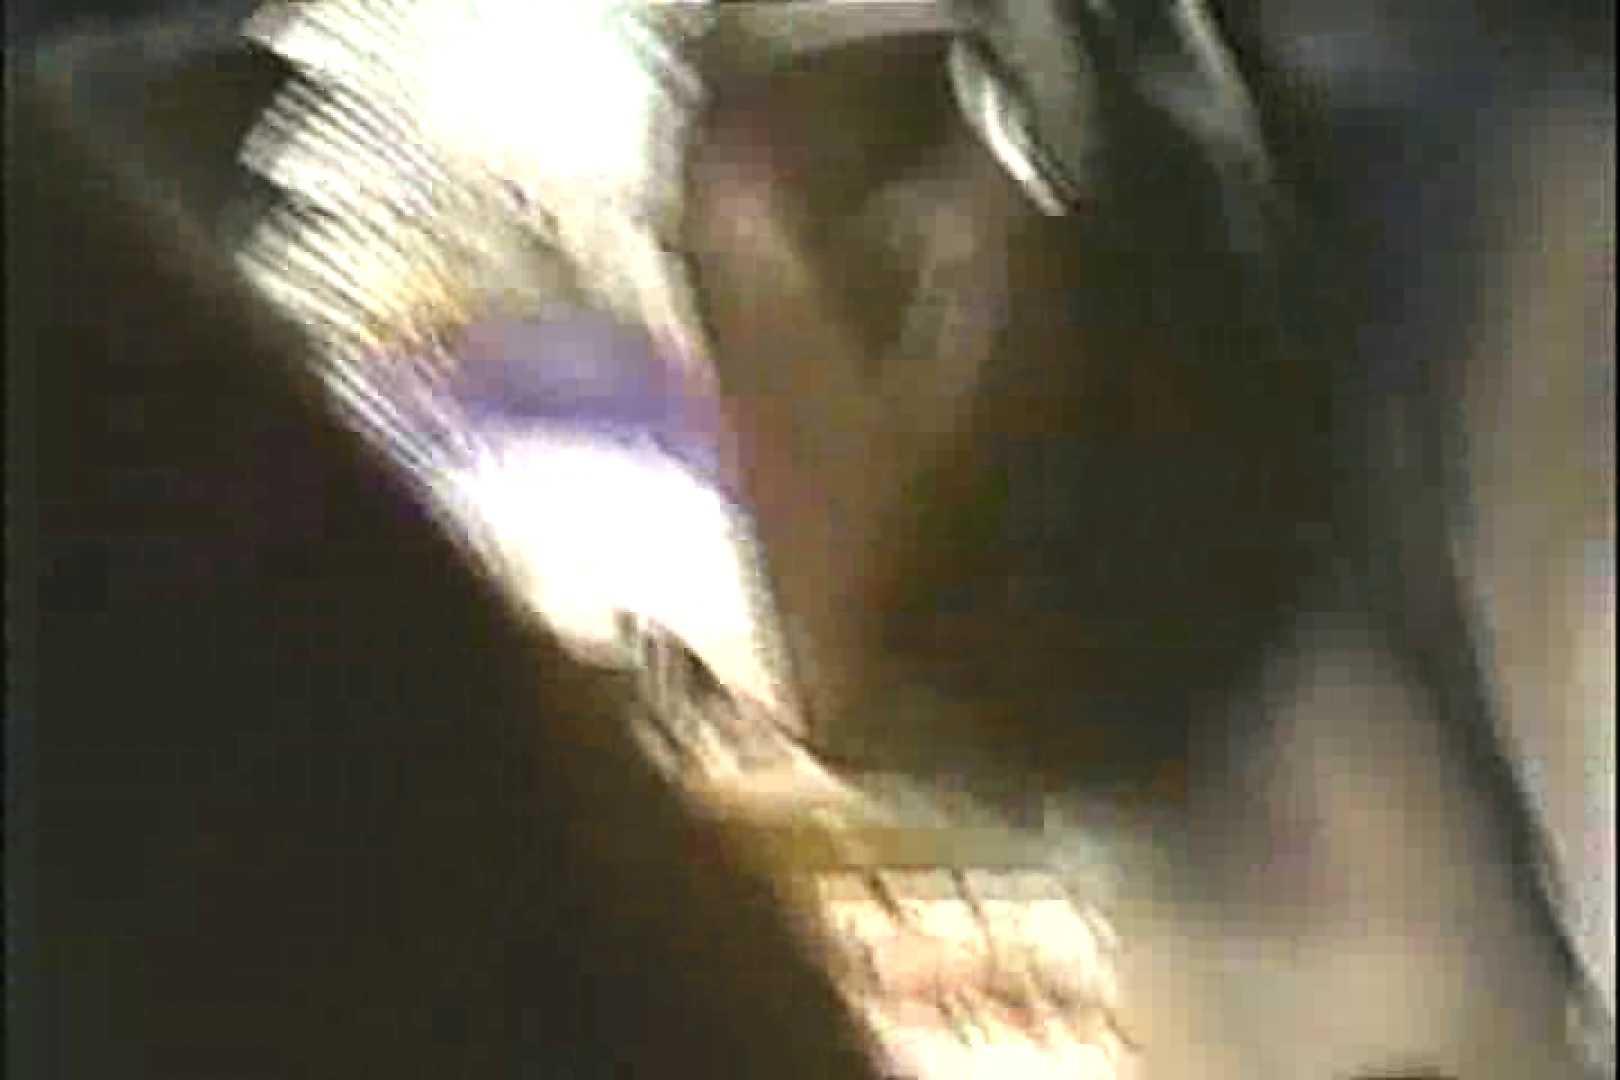 「ちくりん」さんのオリジナル未編集パンチラVol.3_01 レースクイーンエロ画像 盗撮アダルト動画キャプチャ 63PICs 35